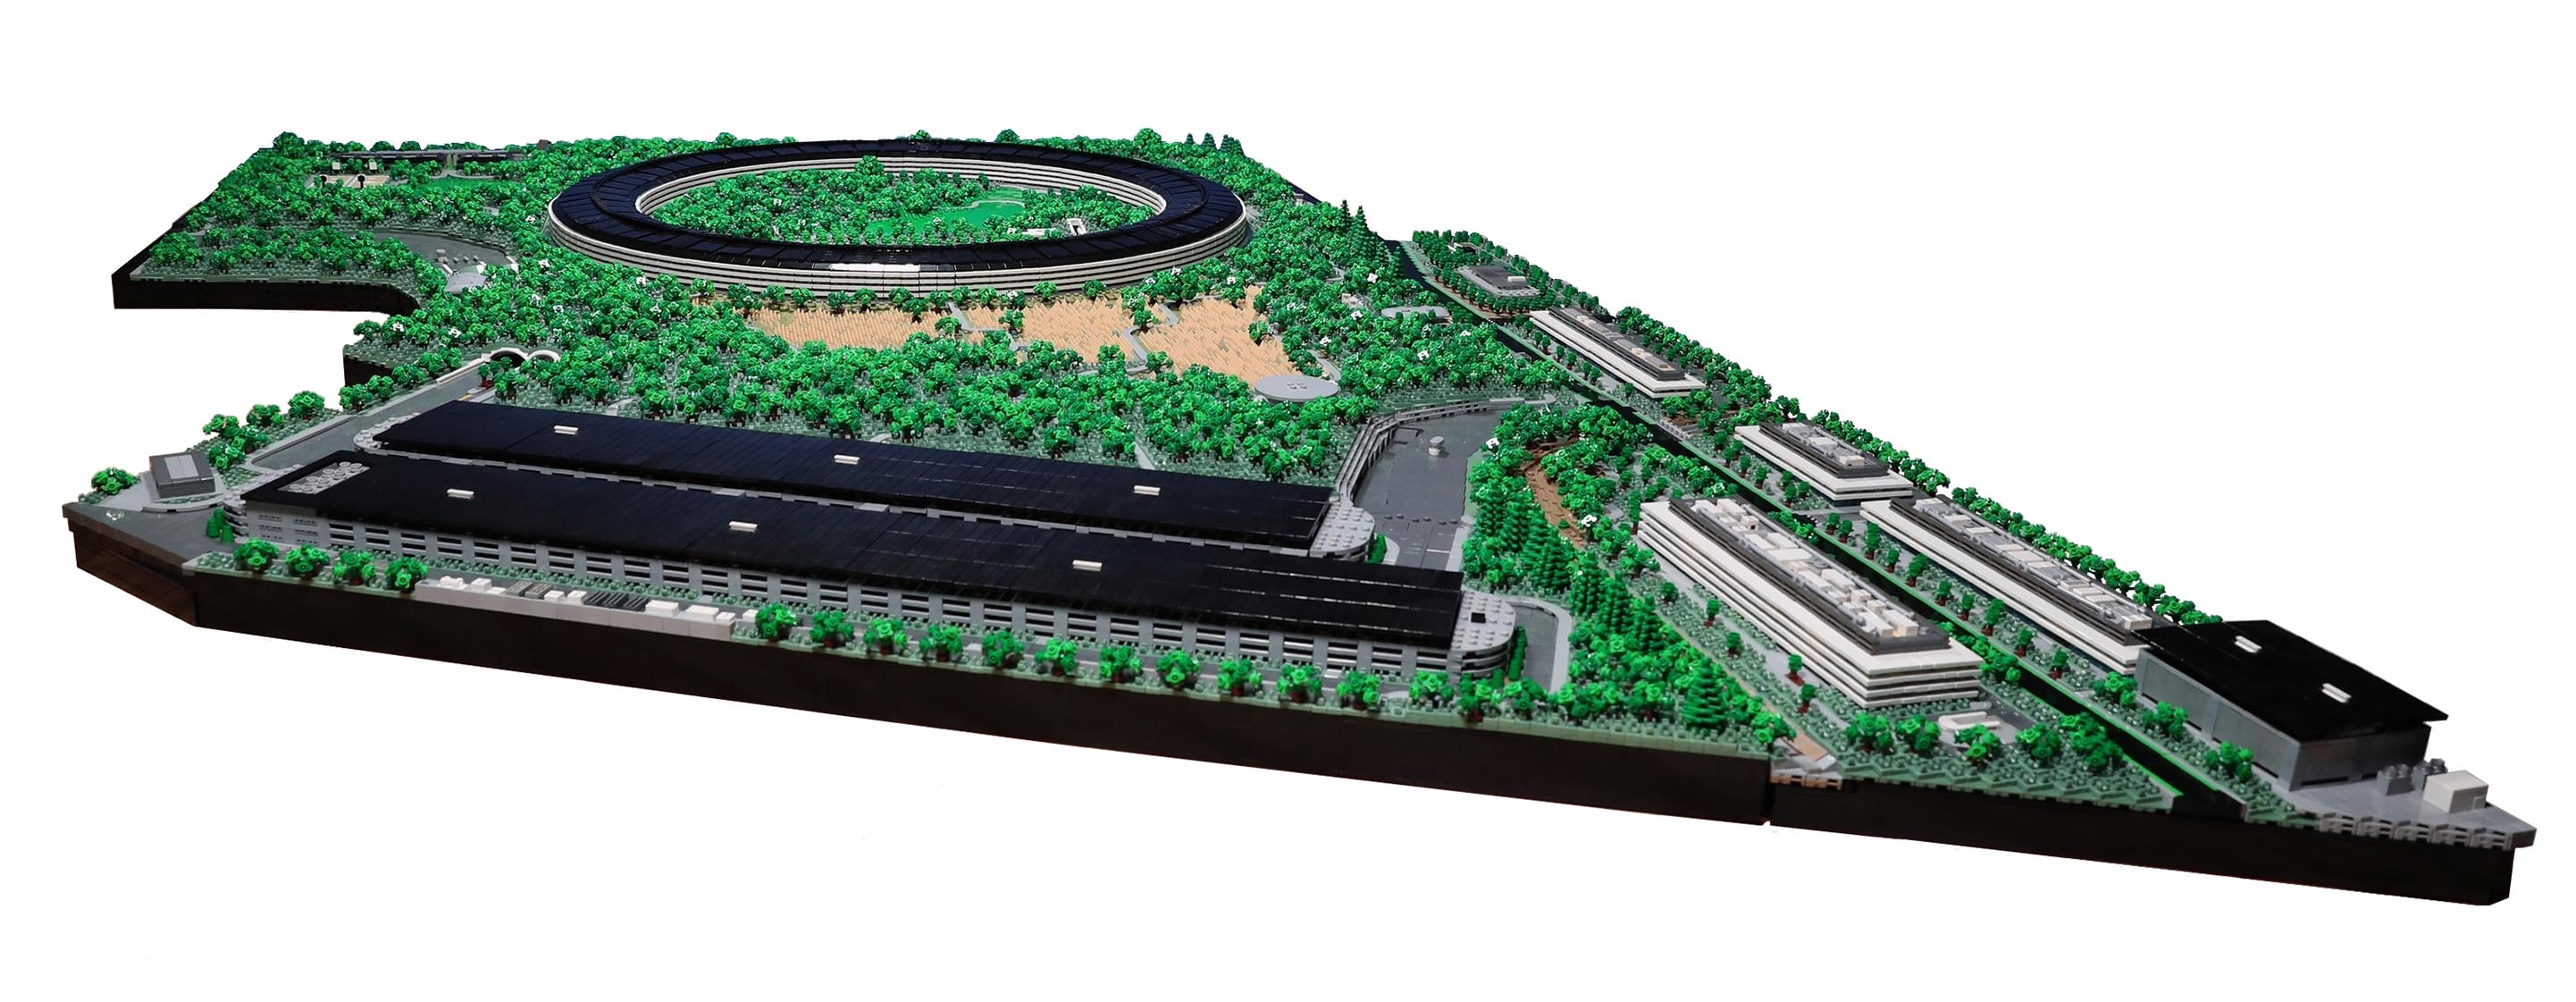 The full Apple Park in Lego